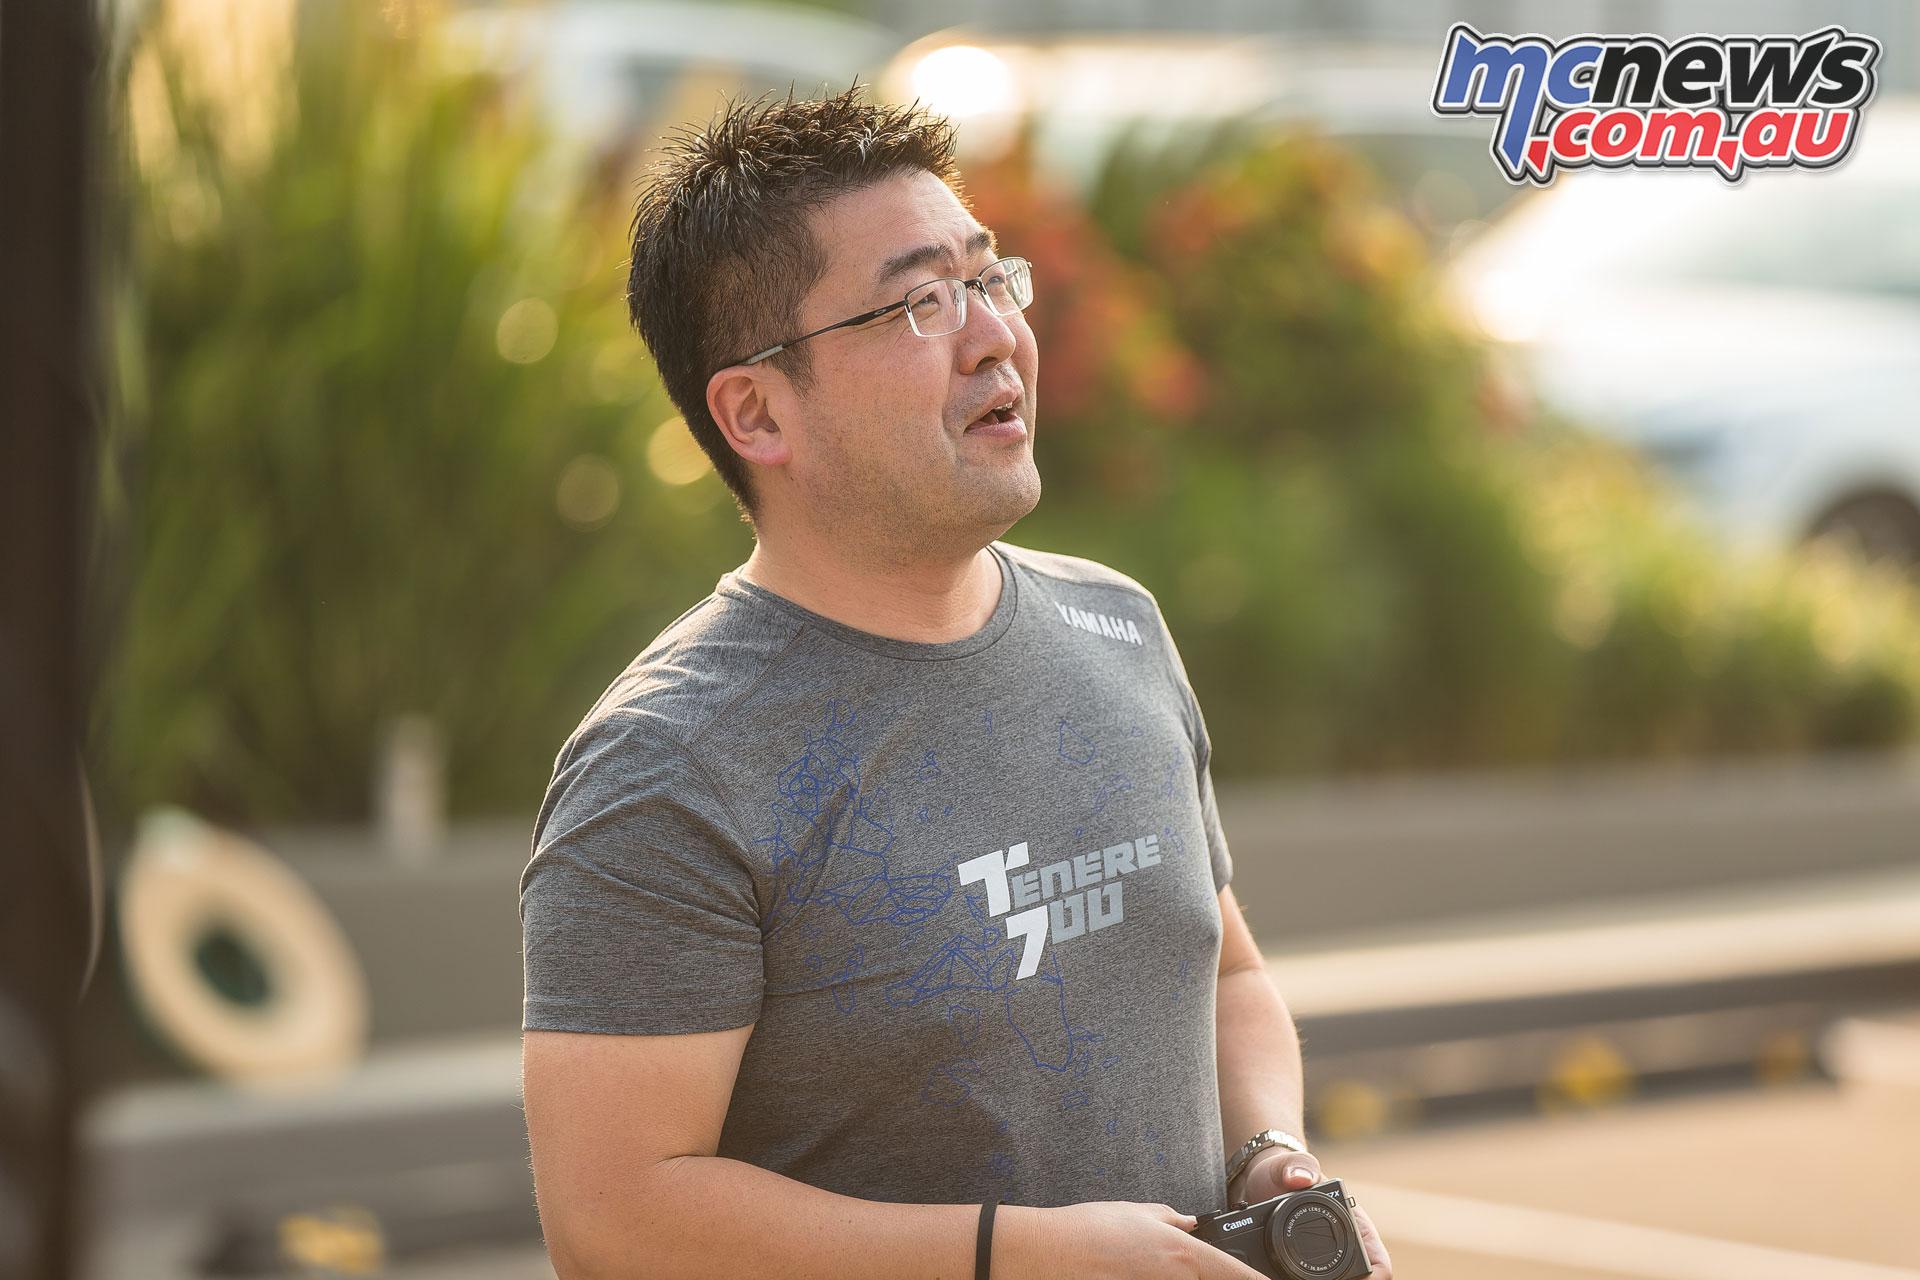 Takushio Shiraishi Yamaha Tenere Project Lead